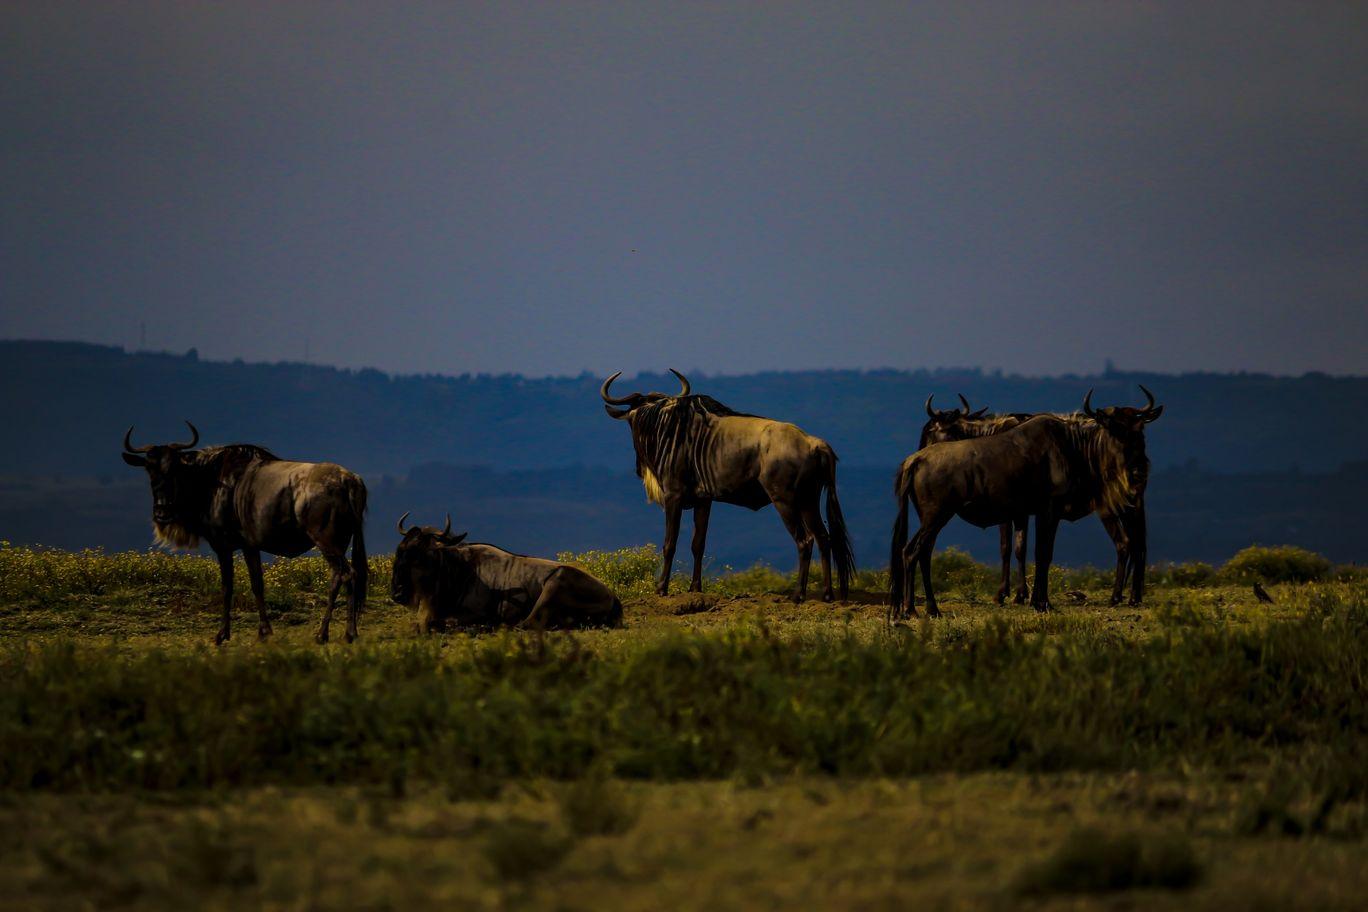 Photo of Masai Mara National Reserve By Kaushak Maheshwary